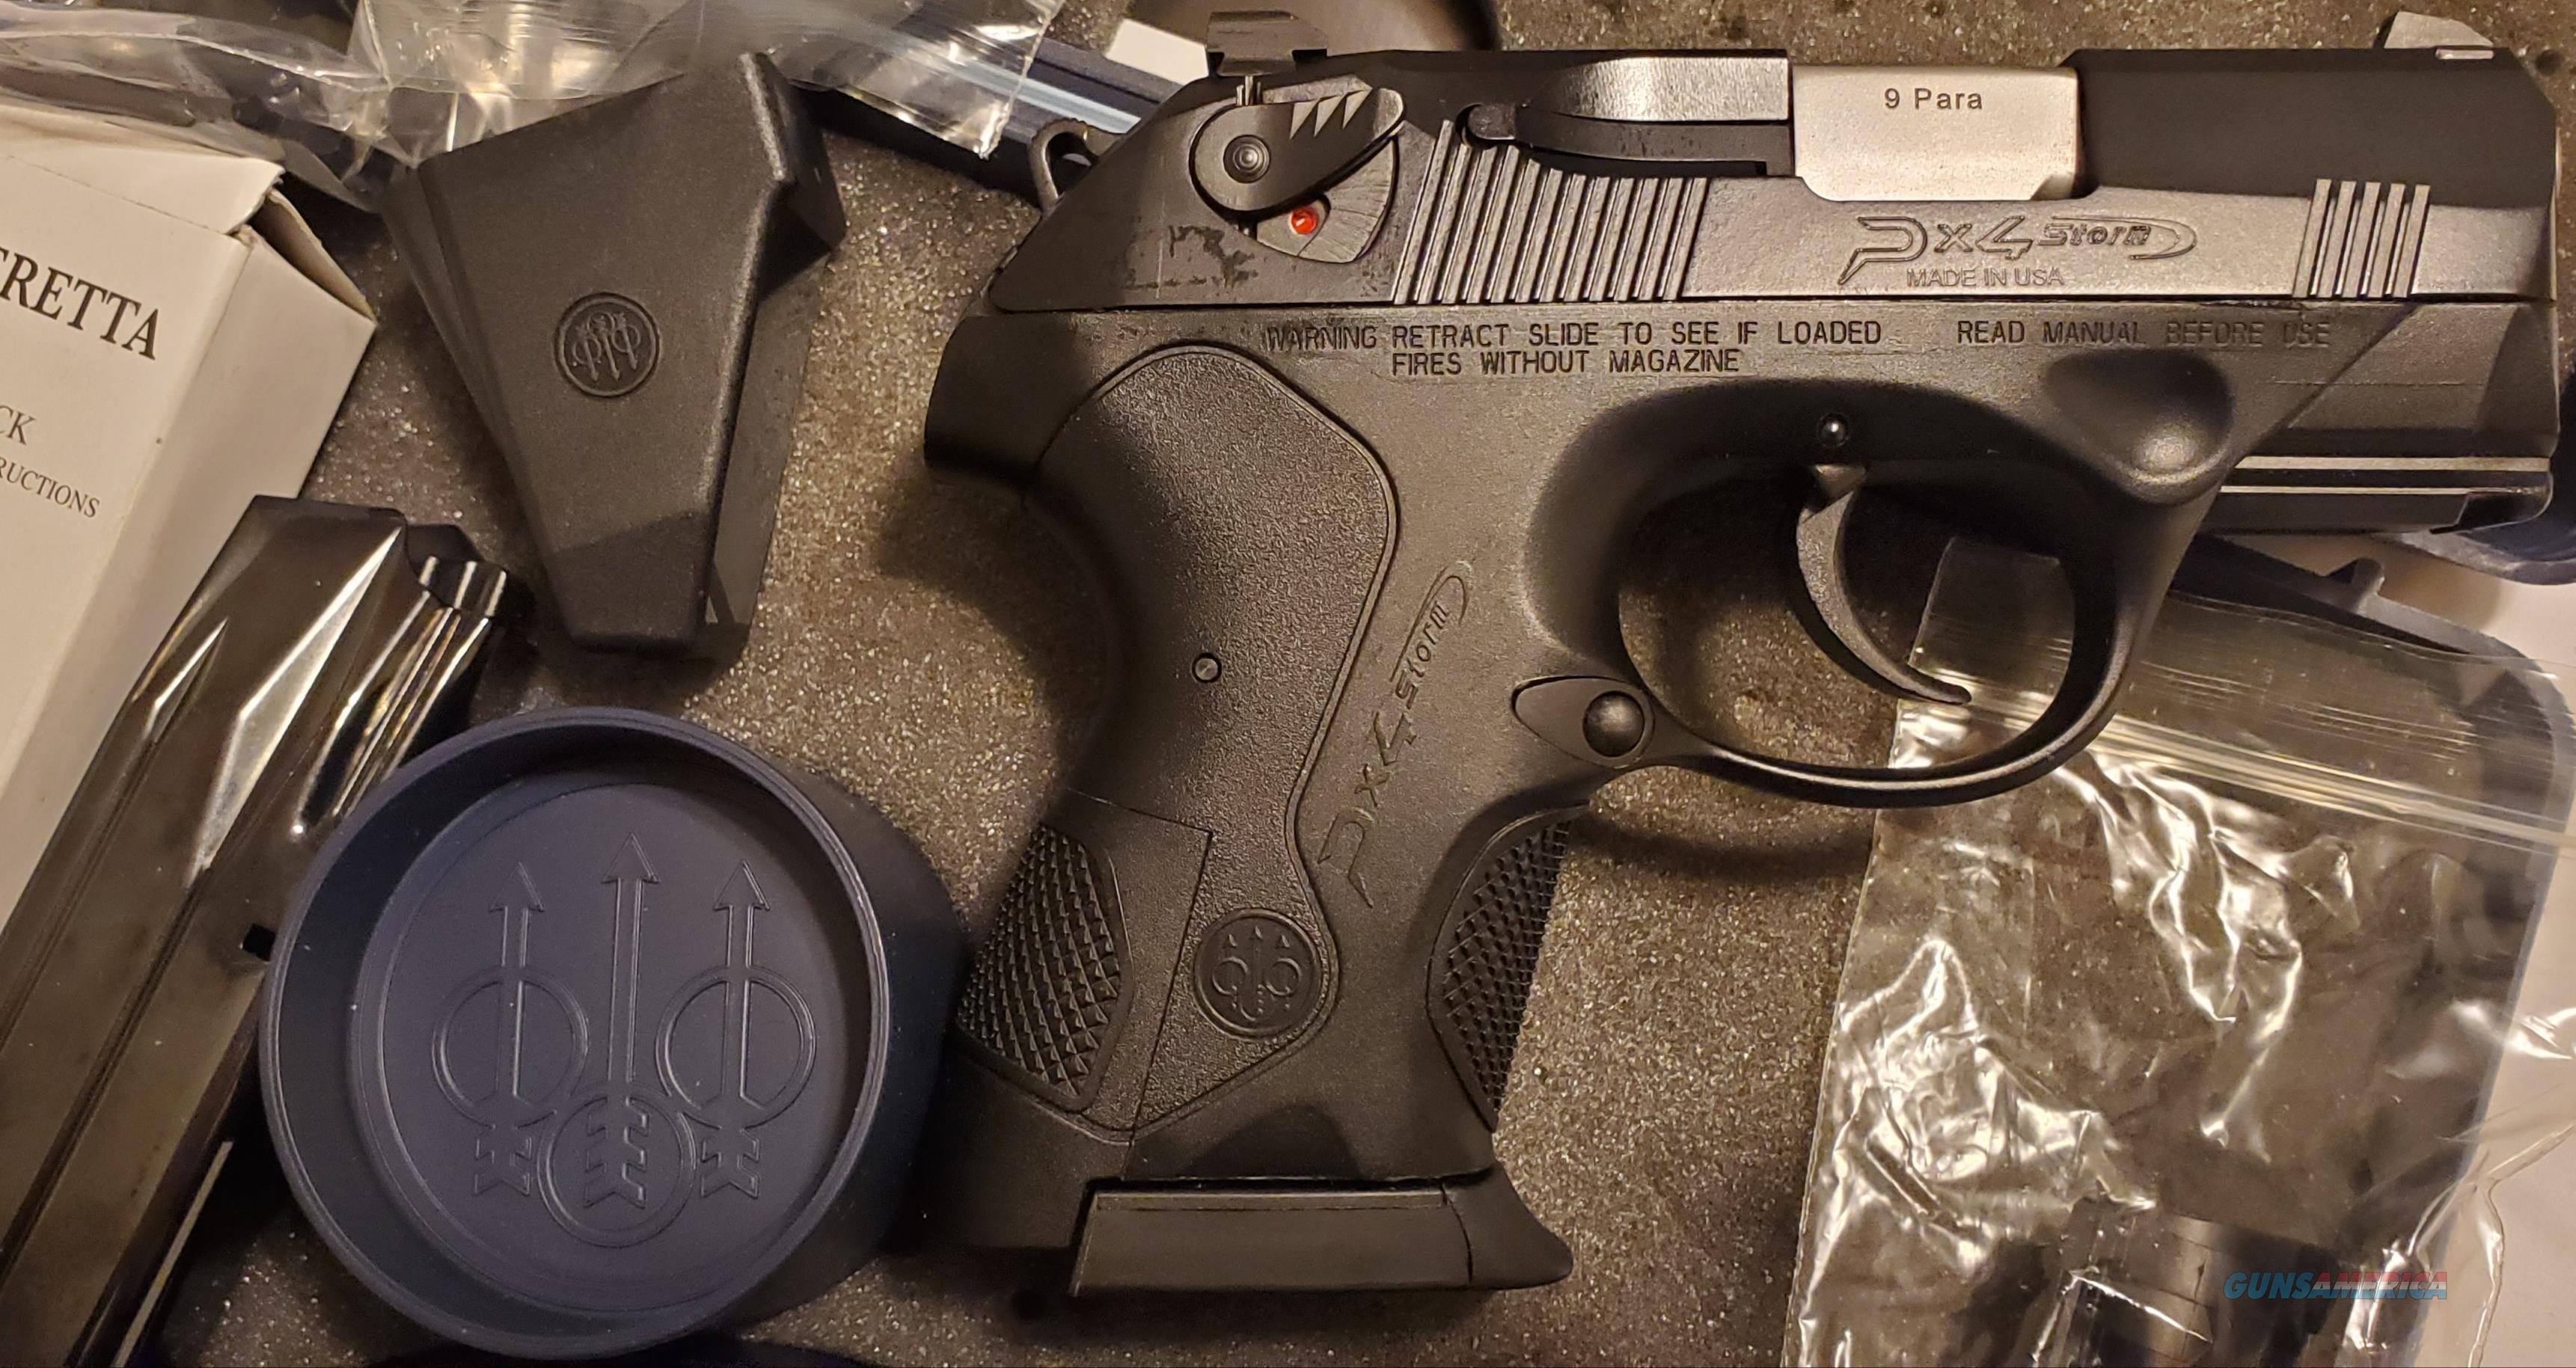 Beretta PX4 Storm Hi-Cap 9mm  New!  LAYAWAY OPTION  JXF9F21  Guns > Pistols > Beretta Pistols